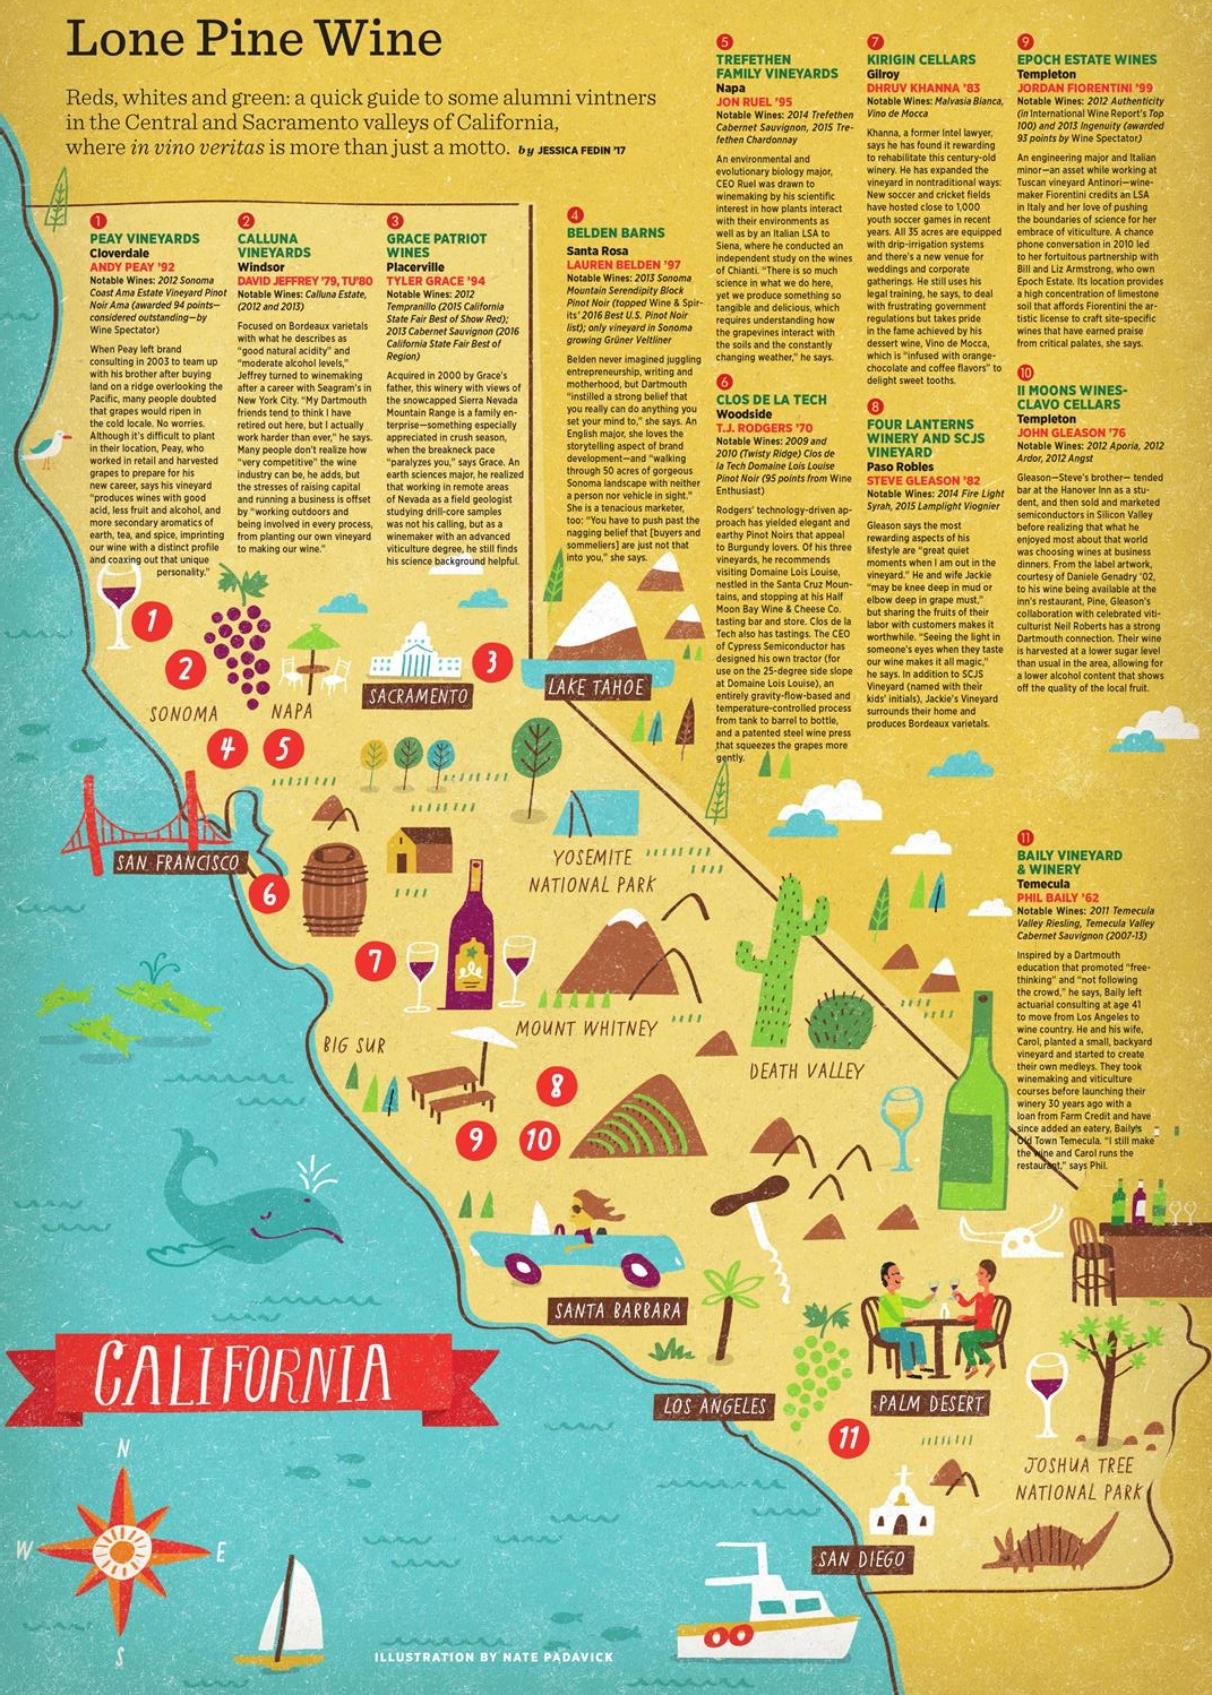 Dartmouth College - Map location: California